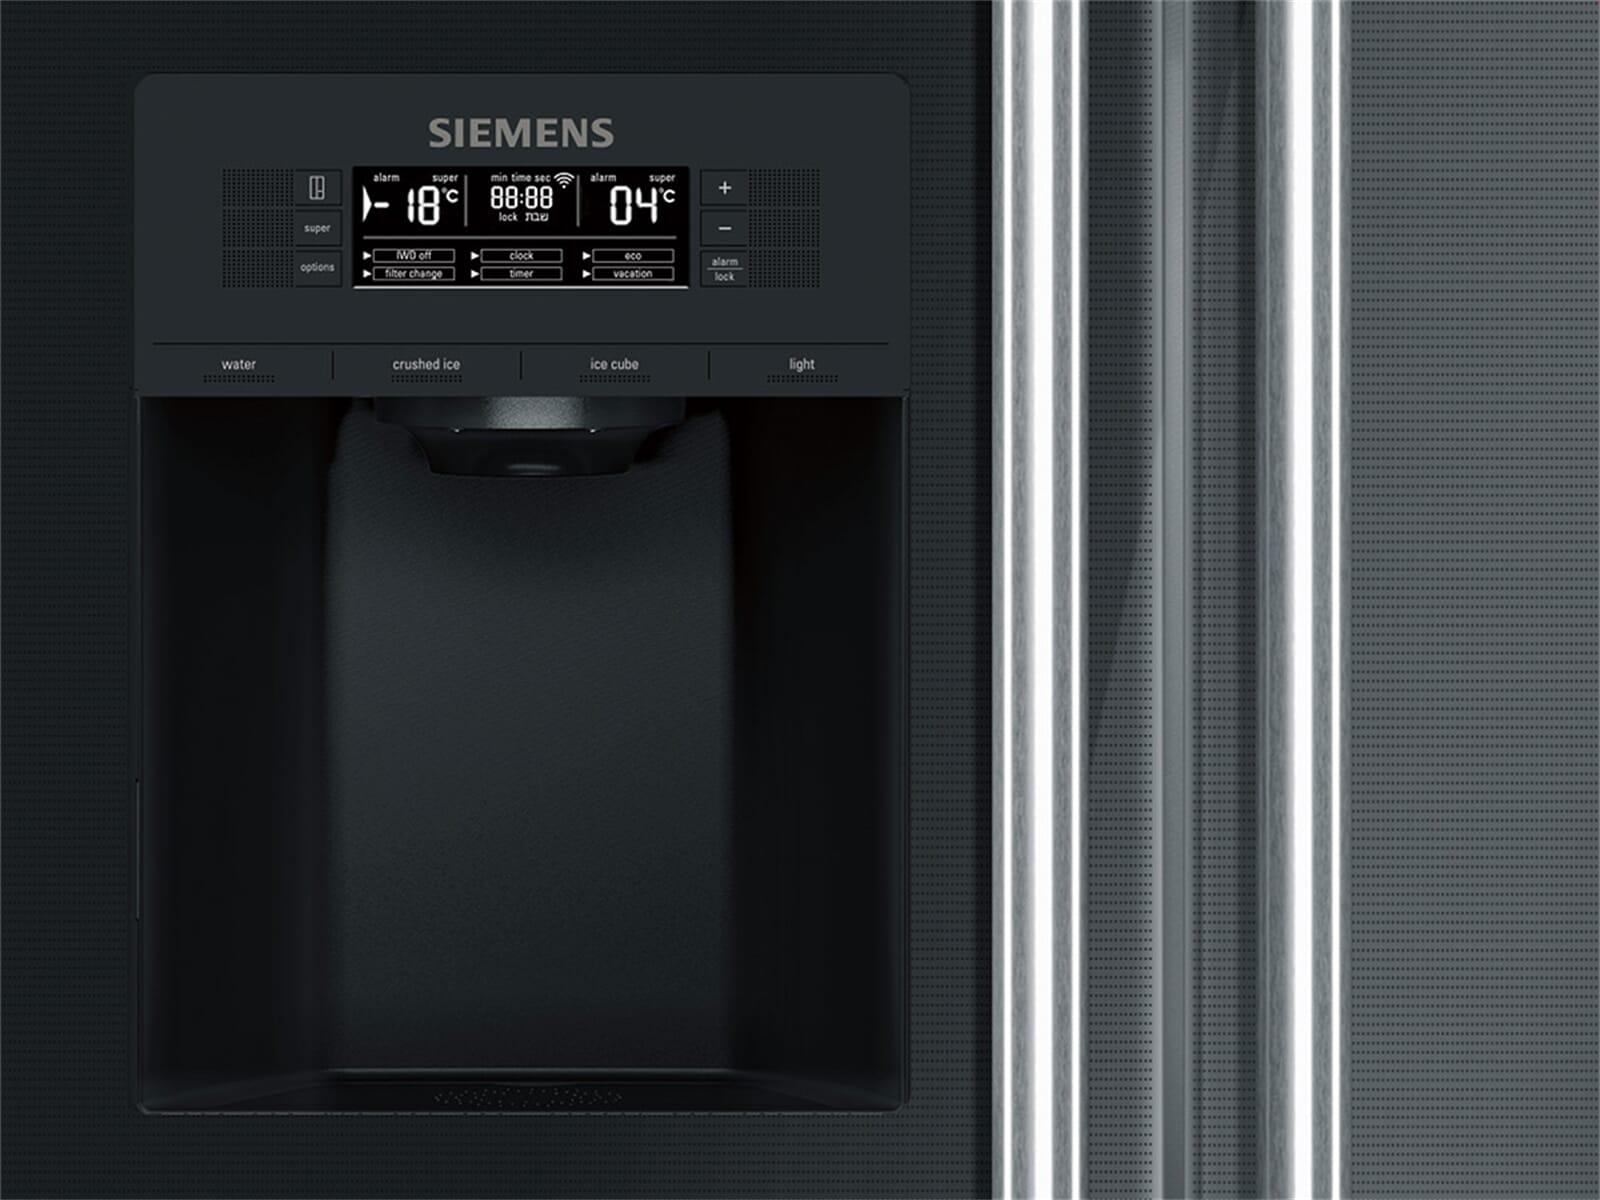 Kleiner Kühlschrank Eiswürfelspender : Freistehender kühlschrank mit eiswürfelspender mini kühlschrank